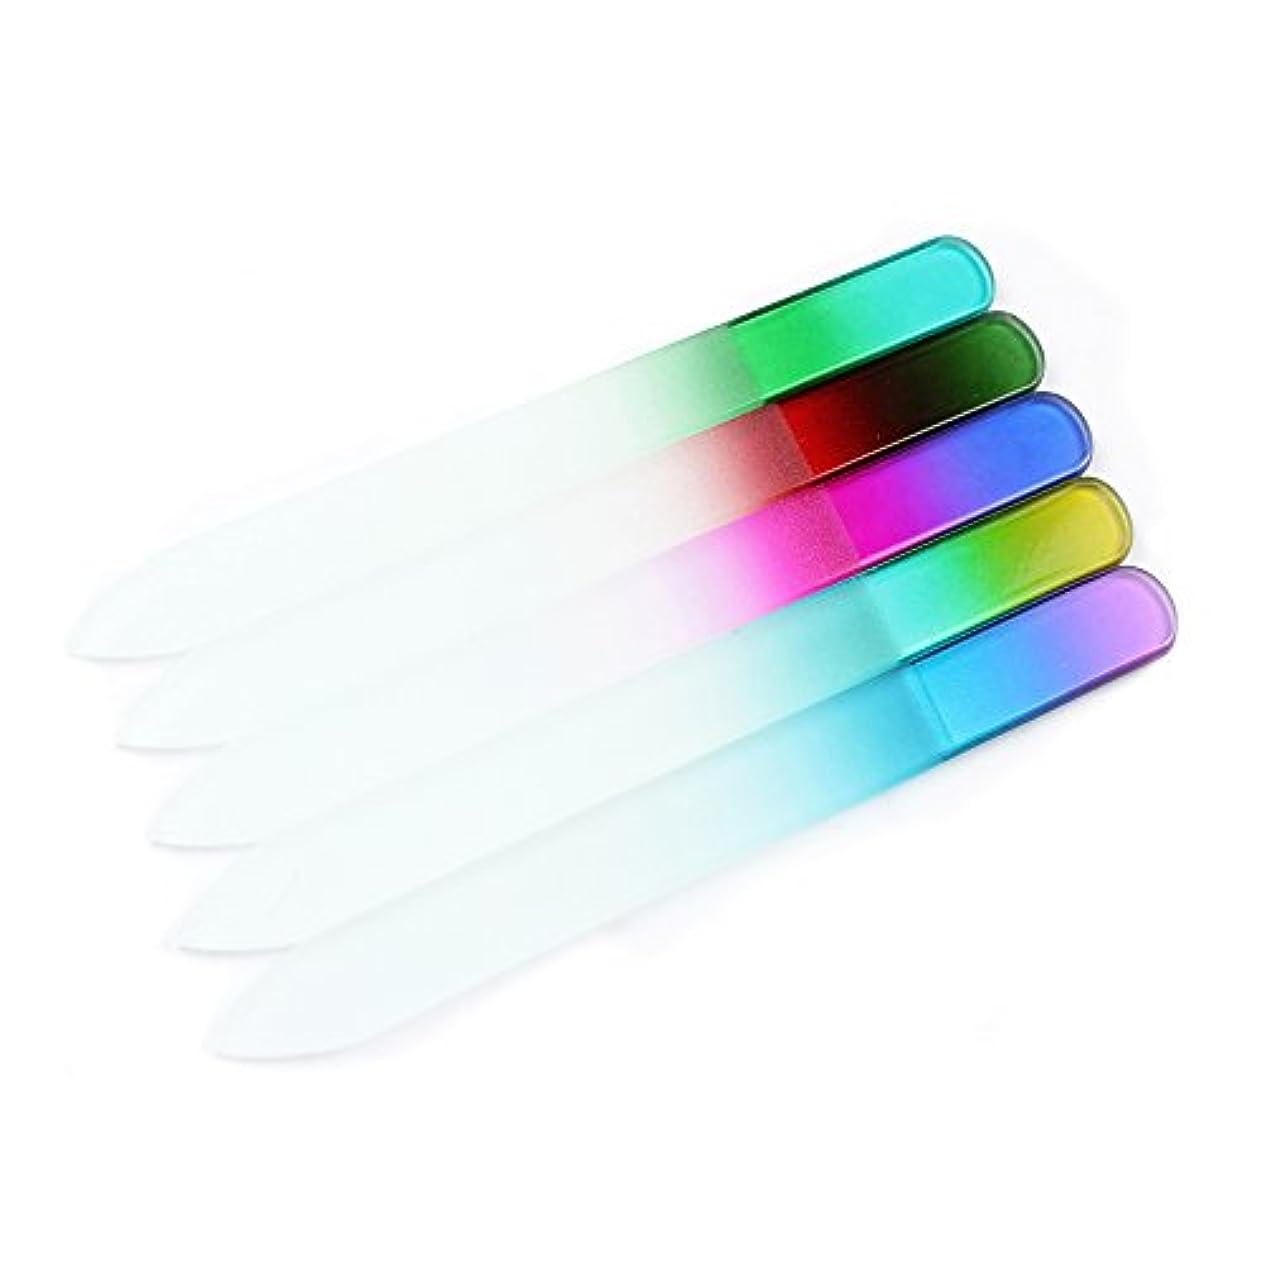 入力差別砂のFingerAngel 爪やすり ガラス製 5個セット 削りやすいネイルヤスリ 両面タイプ ネイルケア